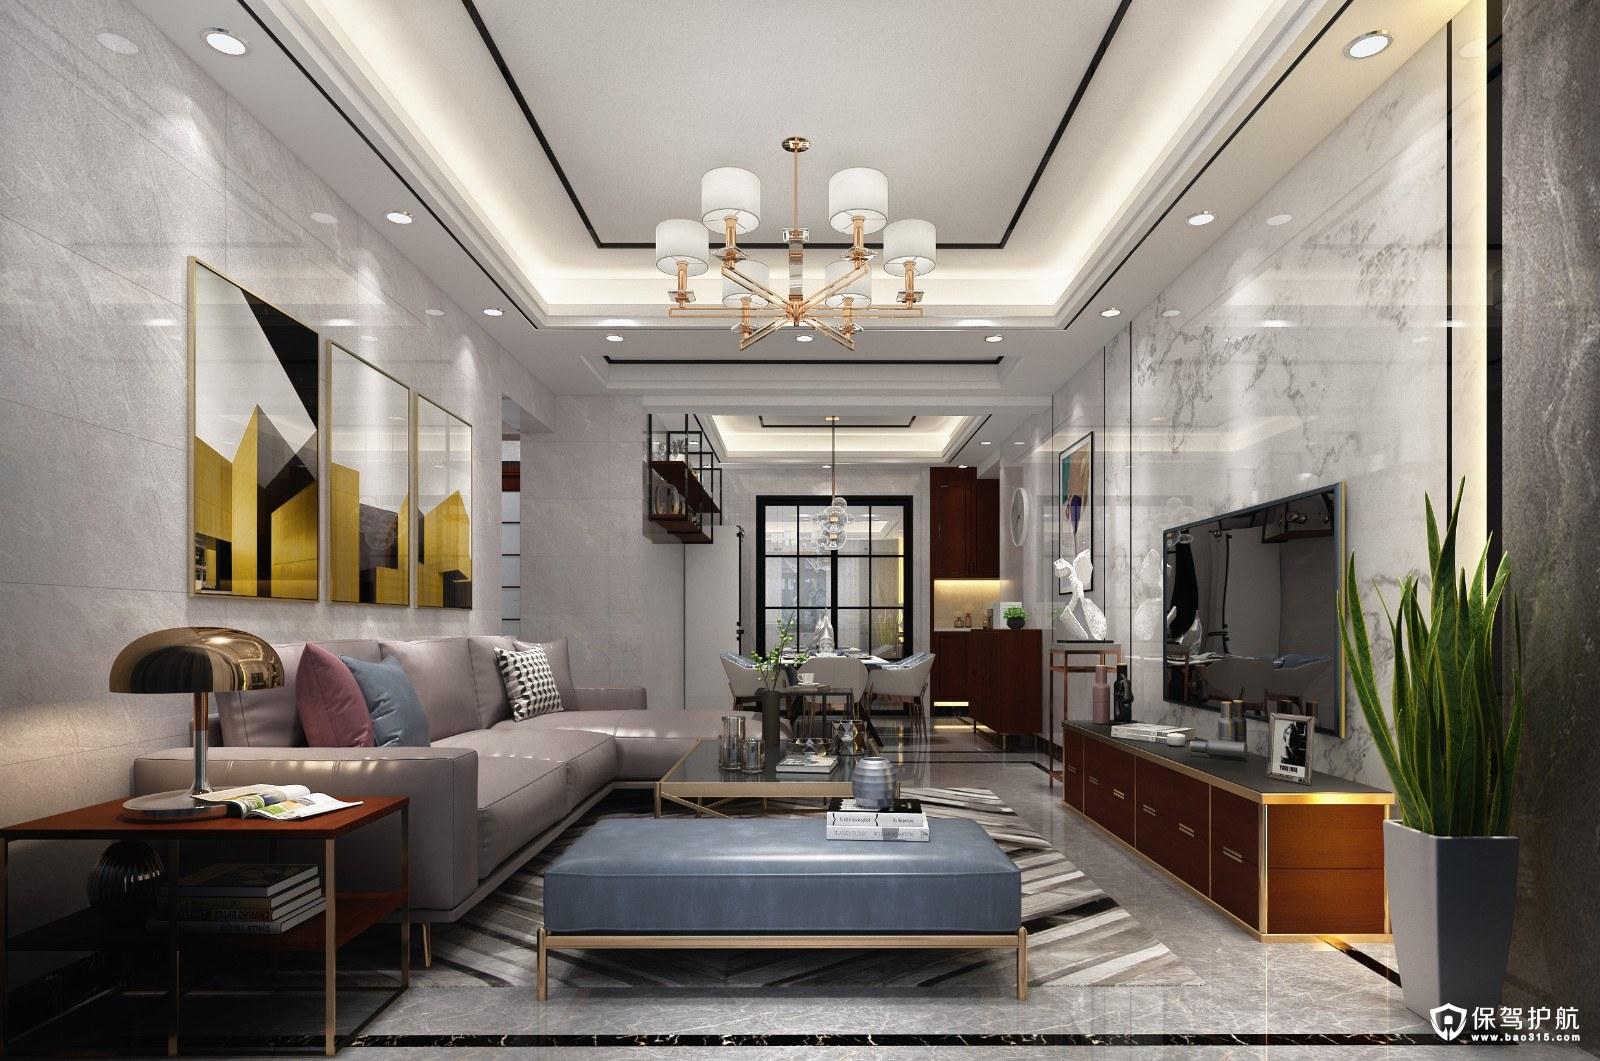 翡翠湖玫瑰园现代简约风格三居室装修效果图